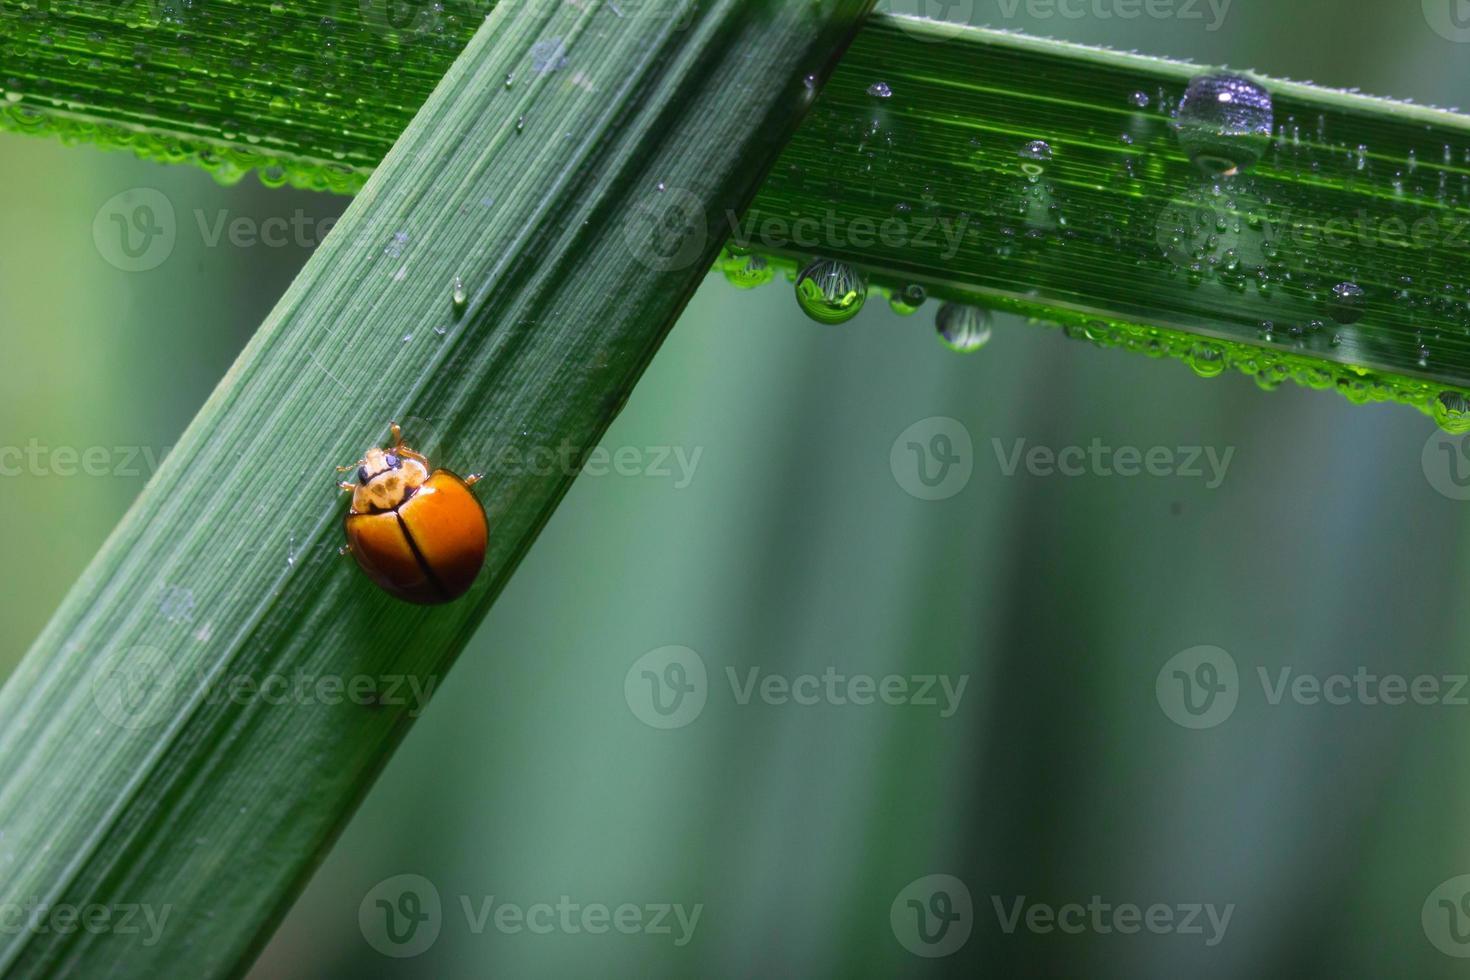 mariquita corriendo sobre brizna de hierba verde foto